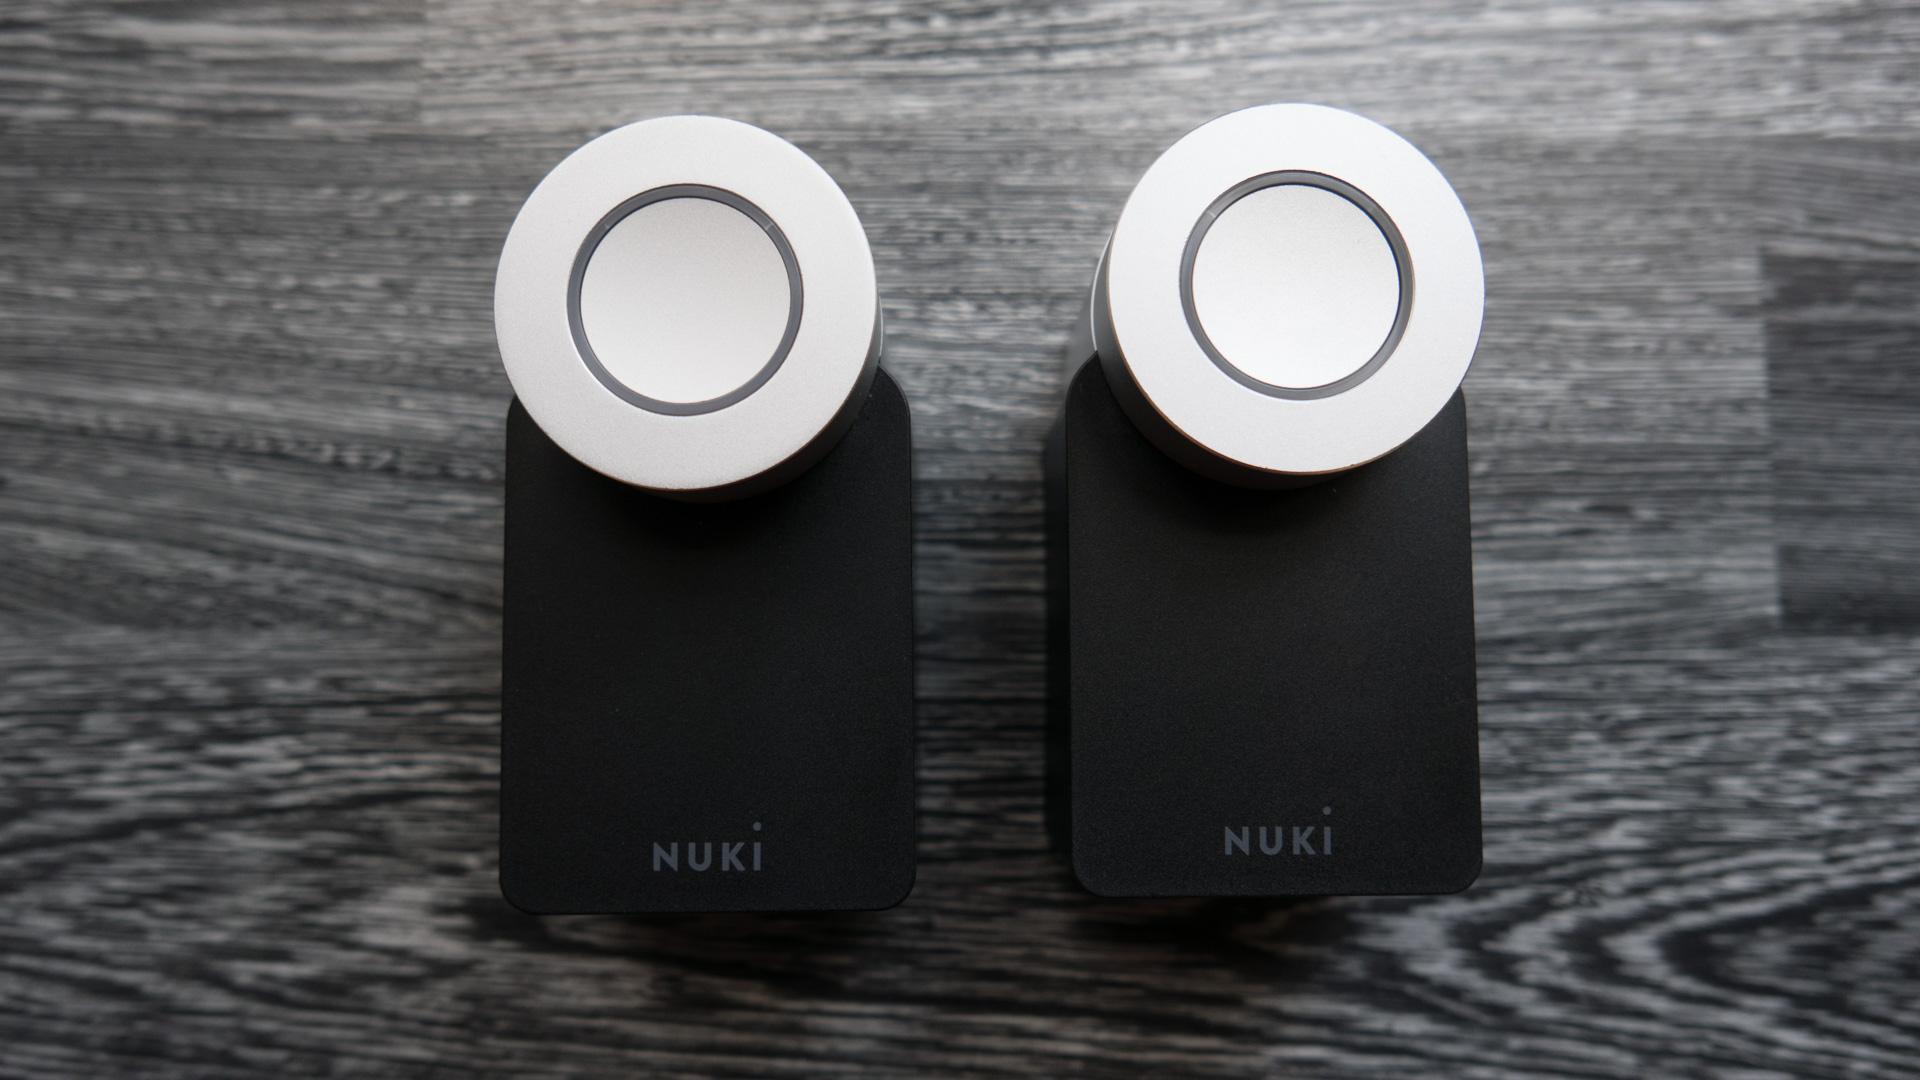 Nuki-2.0-Vergleich-2